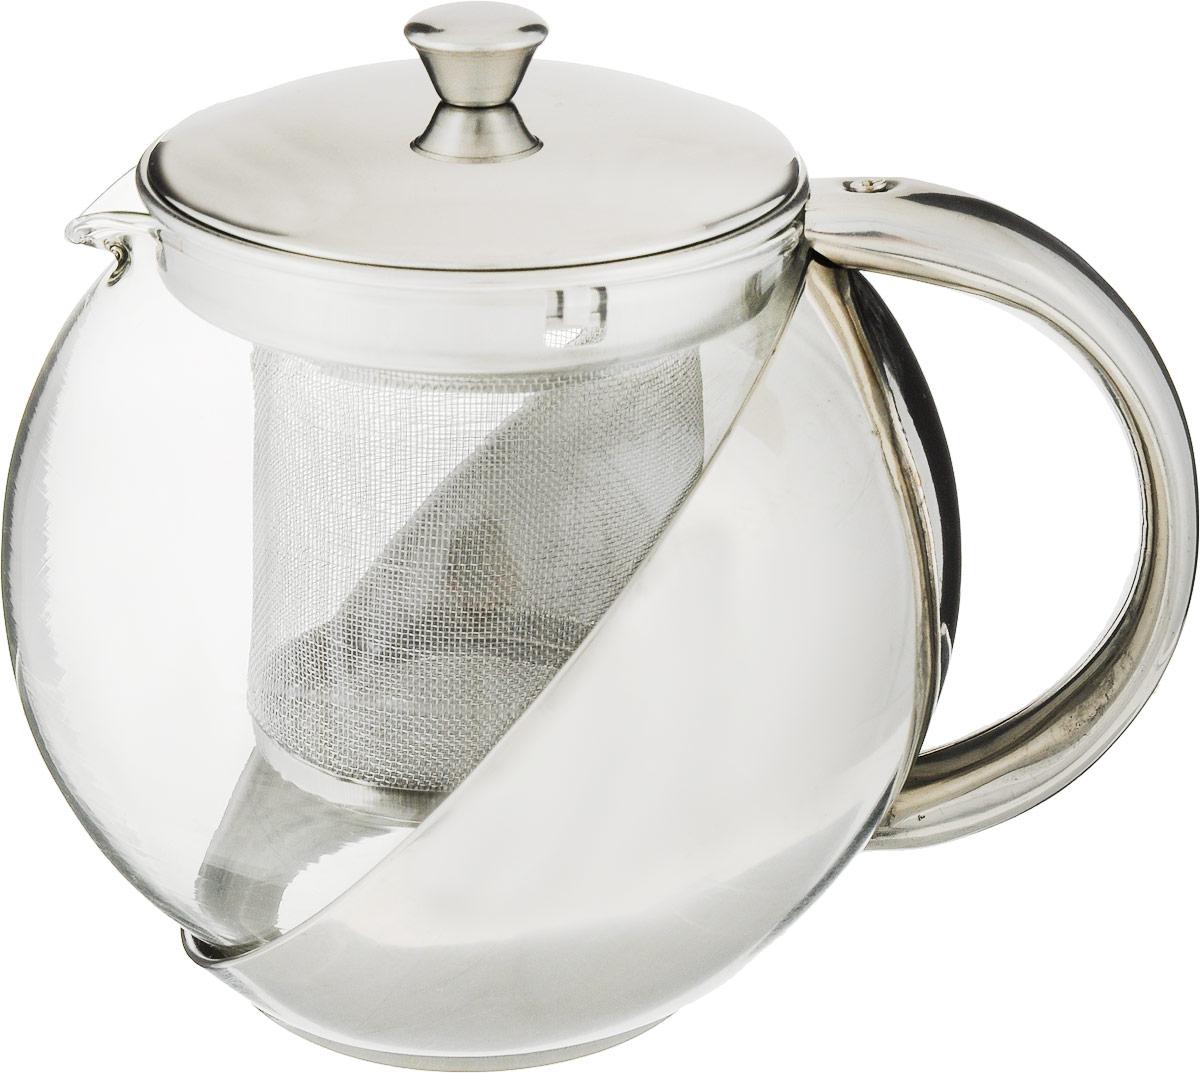 Чайник заварочный Bohmann, с фильтром, 500 мл105-105Изящный и современный чайник Bohmann изготовлен из высококачественной нержавеющейстали и жаропрочного стекла. Съемный фильтр из стали позволит быстро и легкоочистить чайник. Может быть использован для подачи как горячих, так и холодных напитков.Простой и удобный чайник Bohmann послужит великолепным подарком для любителейчая. Можно мыть в посудомоечной машине.Диаметр чайника (по верхнему краю): 7,5 см. Высота чайника (с учетом крышки): 11,5 см. Высота фильтра: 7,5 см.